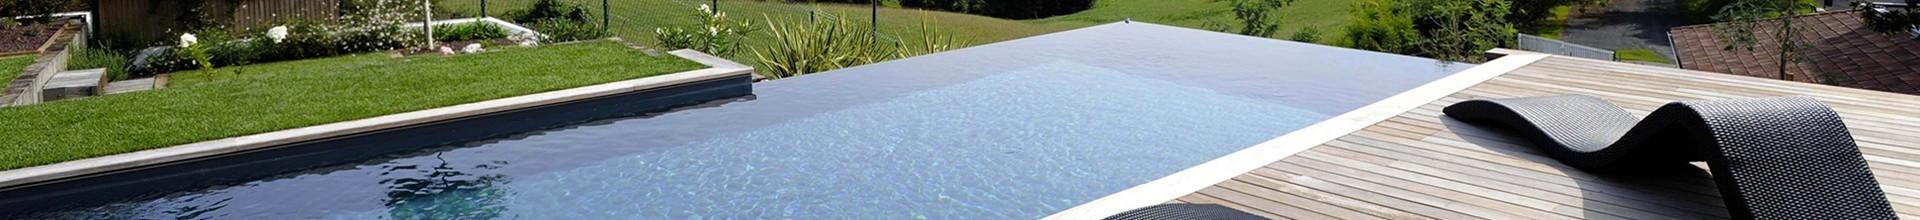 ✅  Fabricant d'une piscine révolutionnaire, la piscine en béton